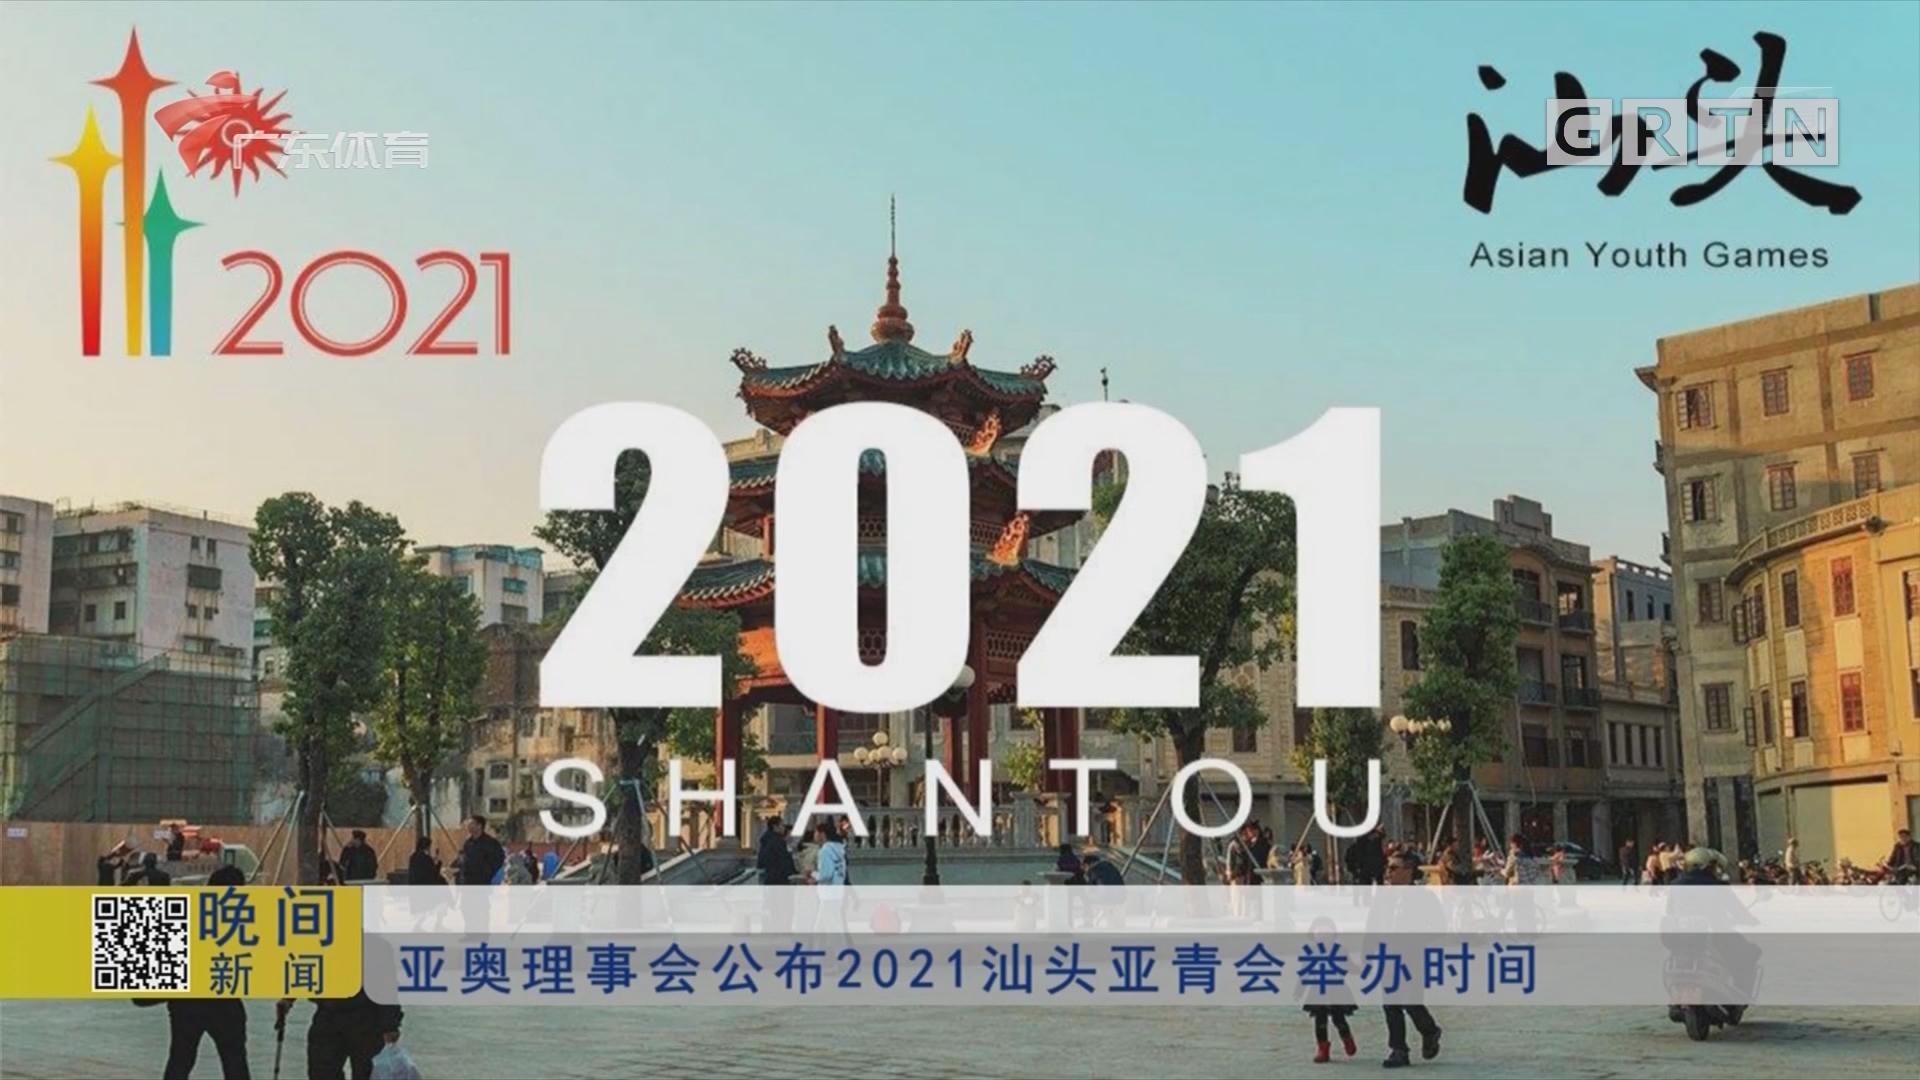 亚奥理事会公布2021汕头亚青会举办时间